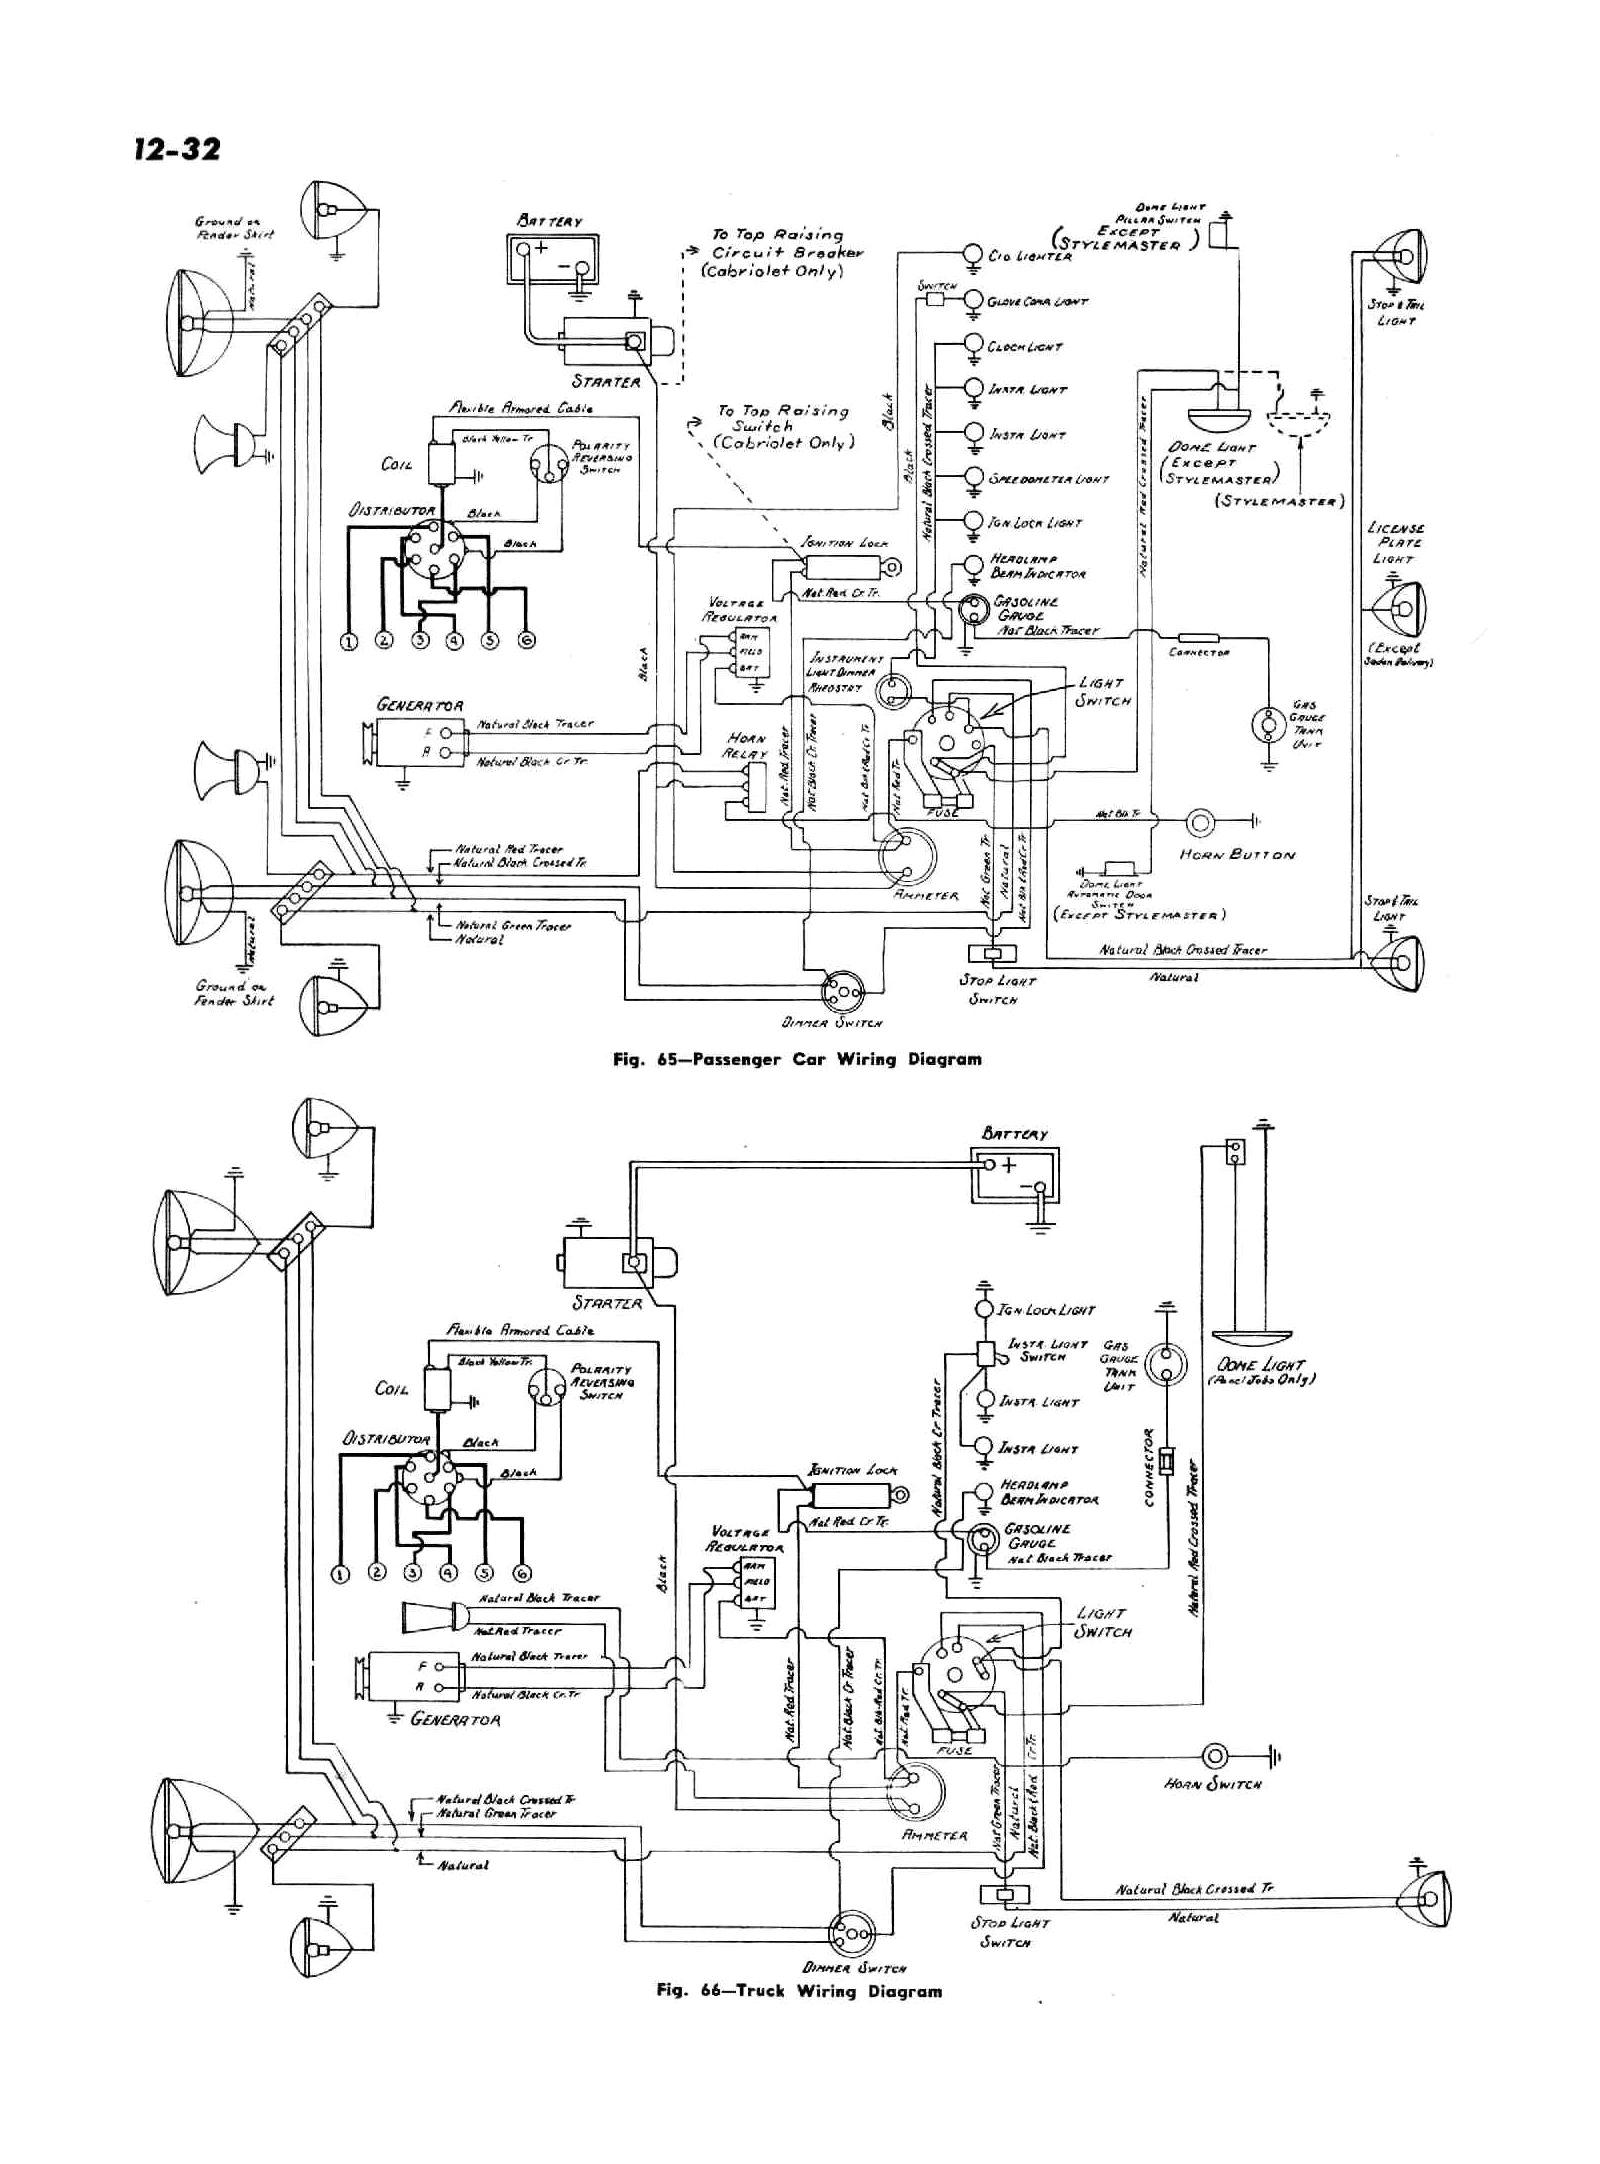 1947 passenger car truck wiring